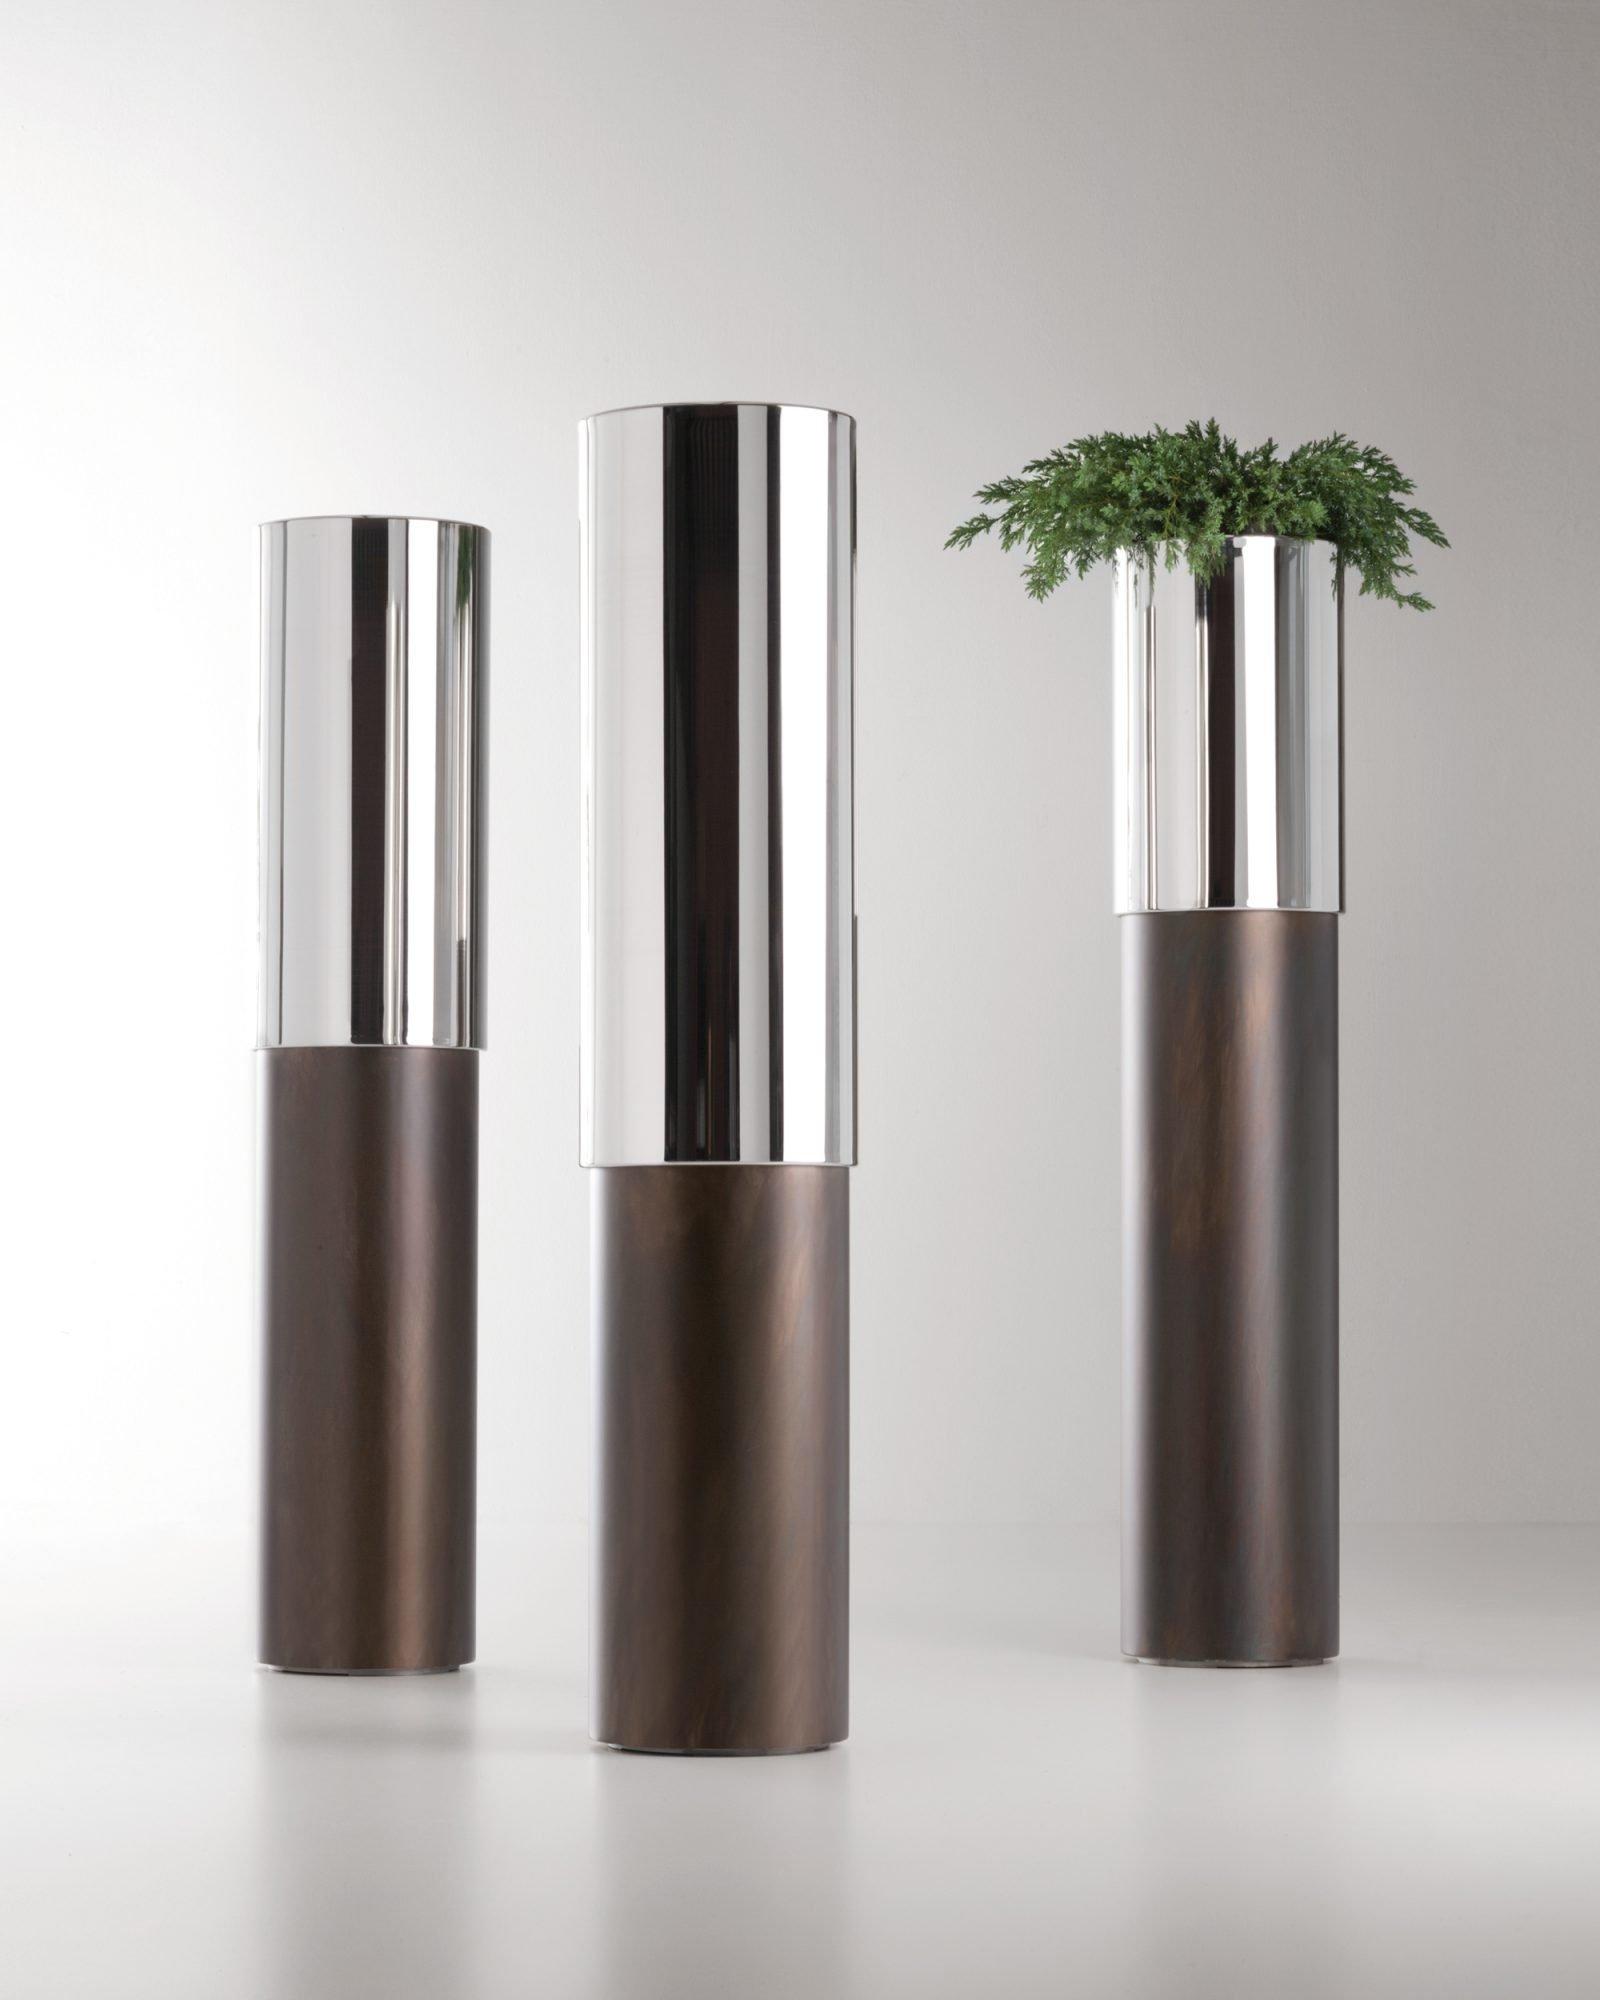 Phil Pot planter from De Castelli, designed by Johannes Klein